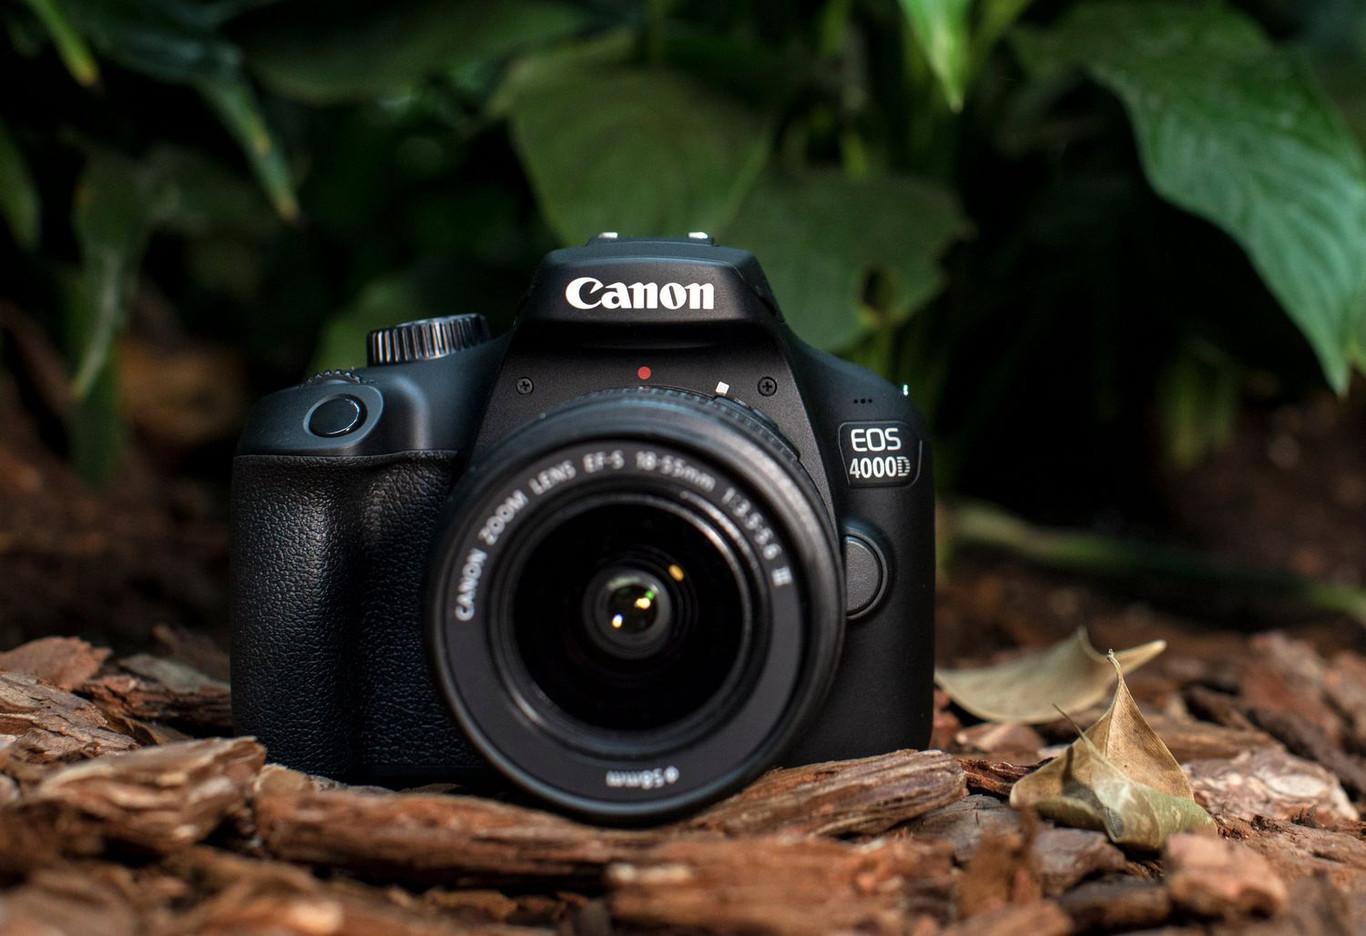 Esta herramienta gratuita de Canon permite usar sus cámaras como webcam  para tener una altísima calidad de video en videollamadas